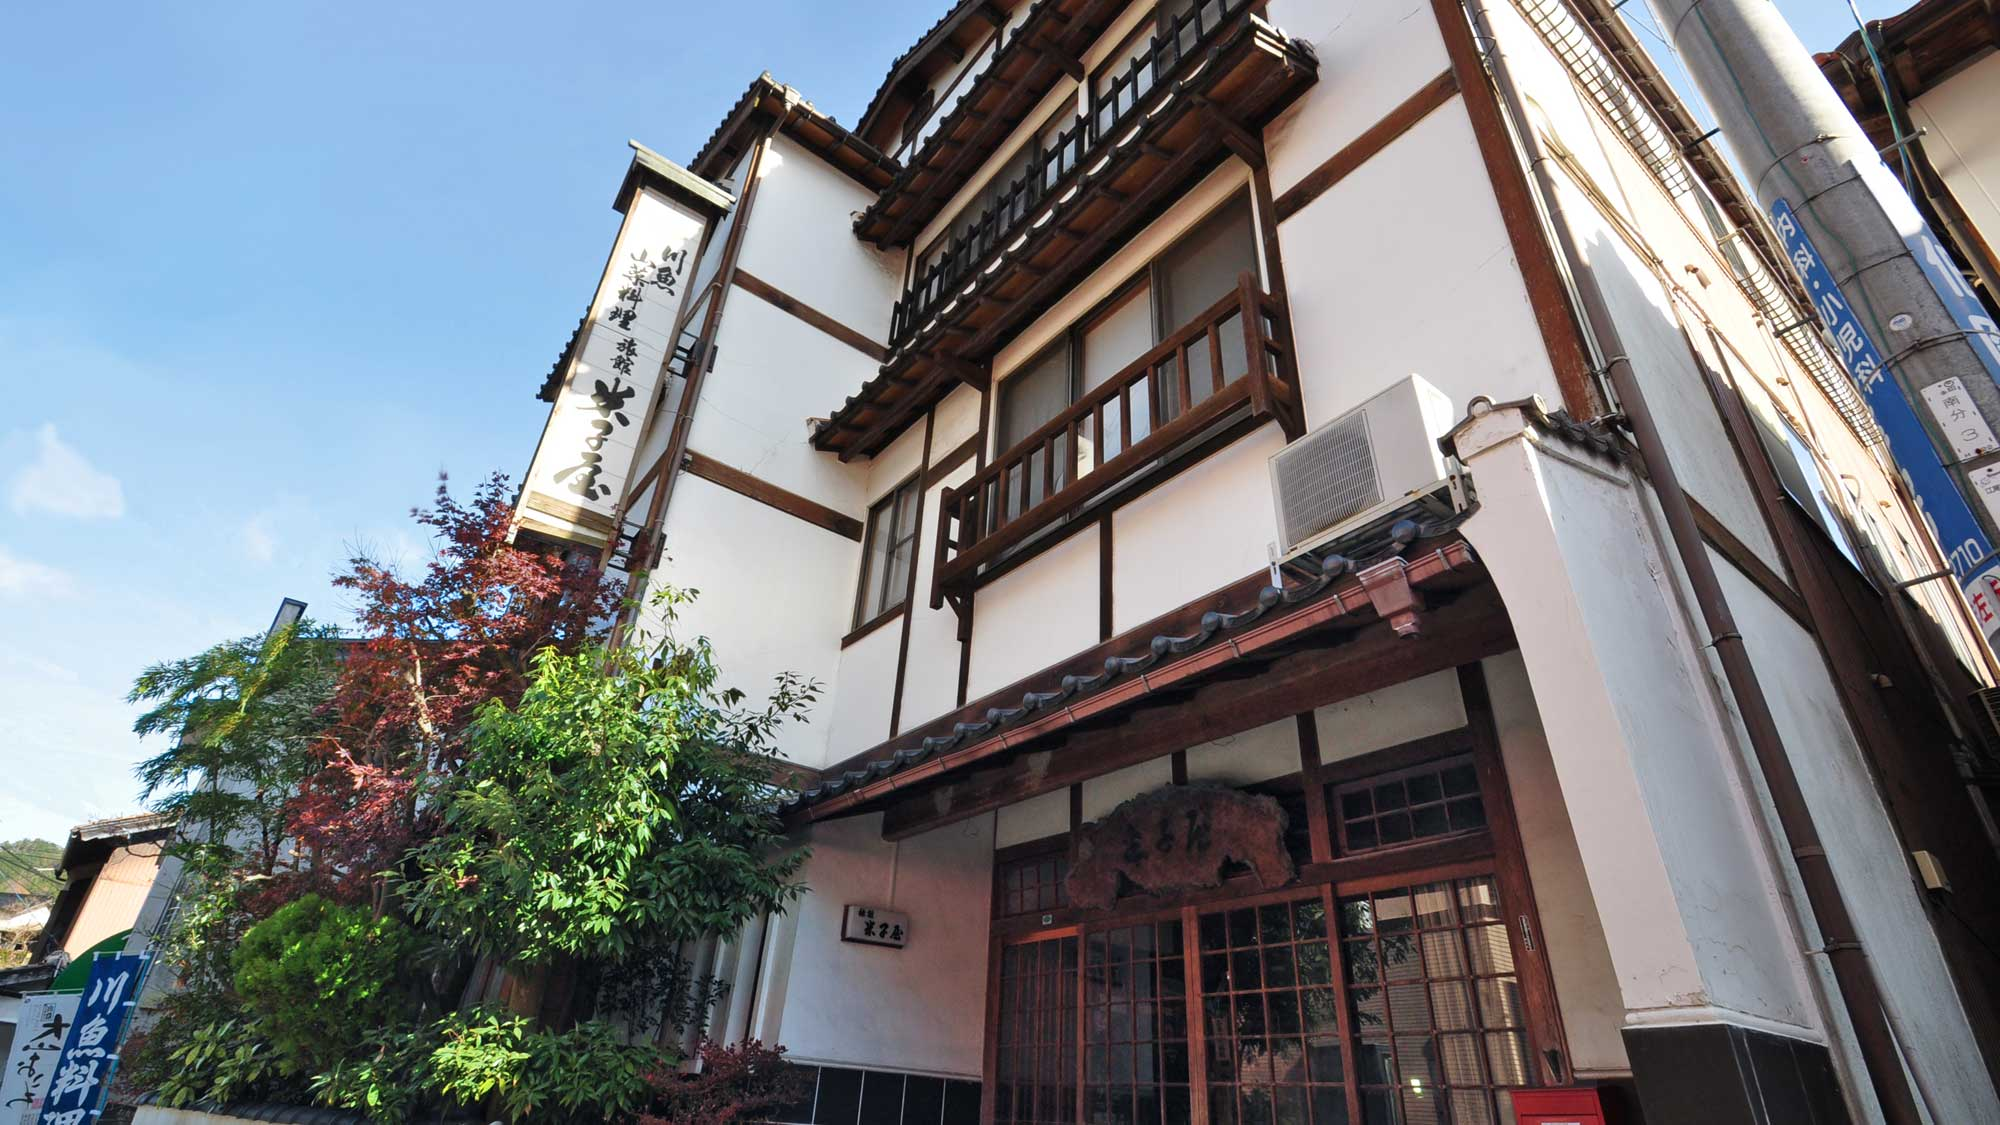 米子屋 旅館◆楽天トラベル